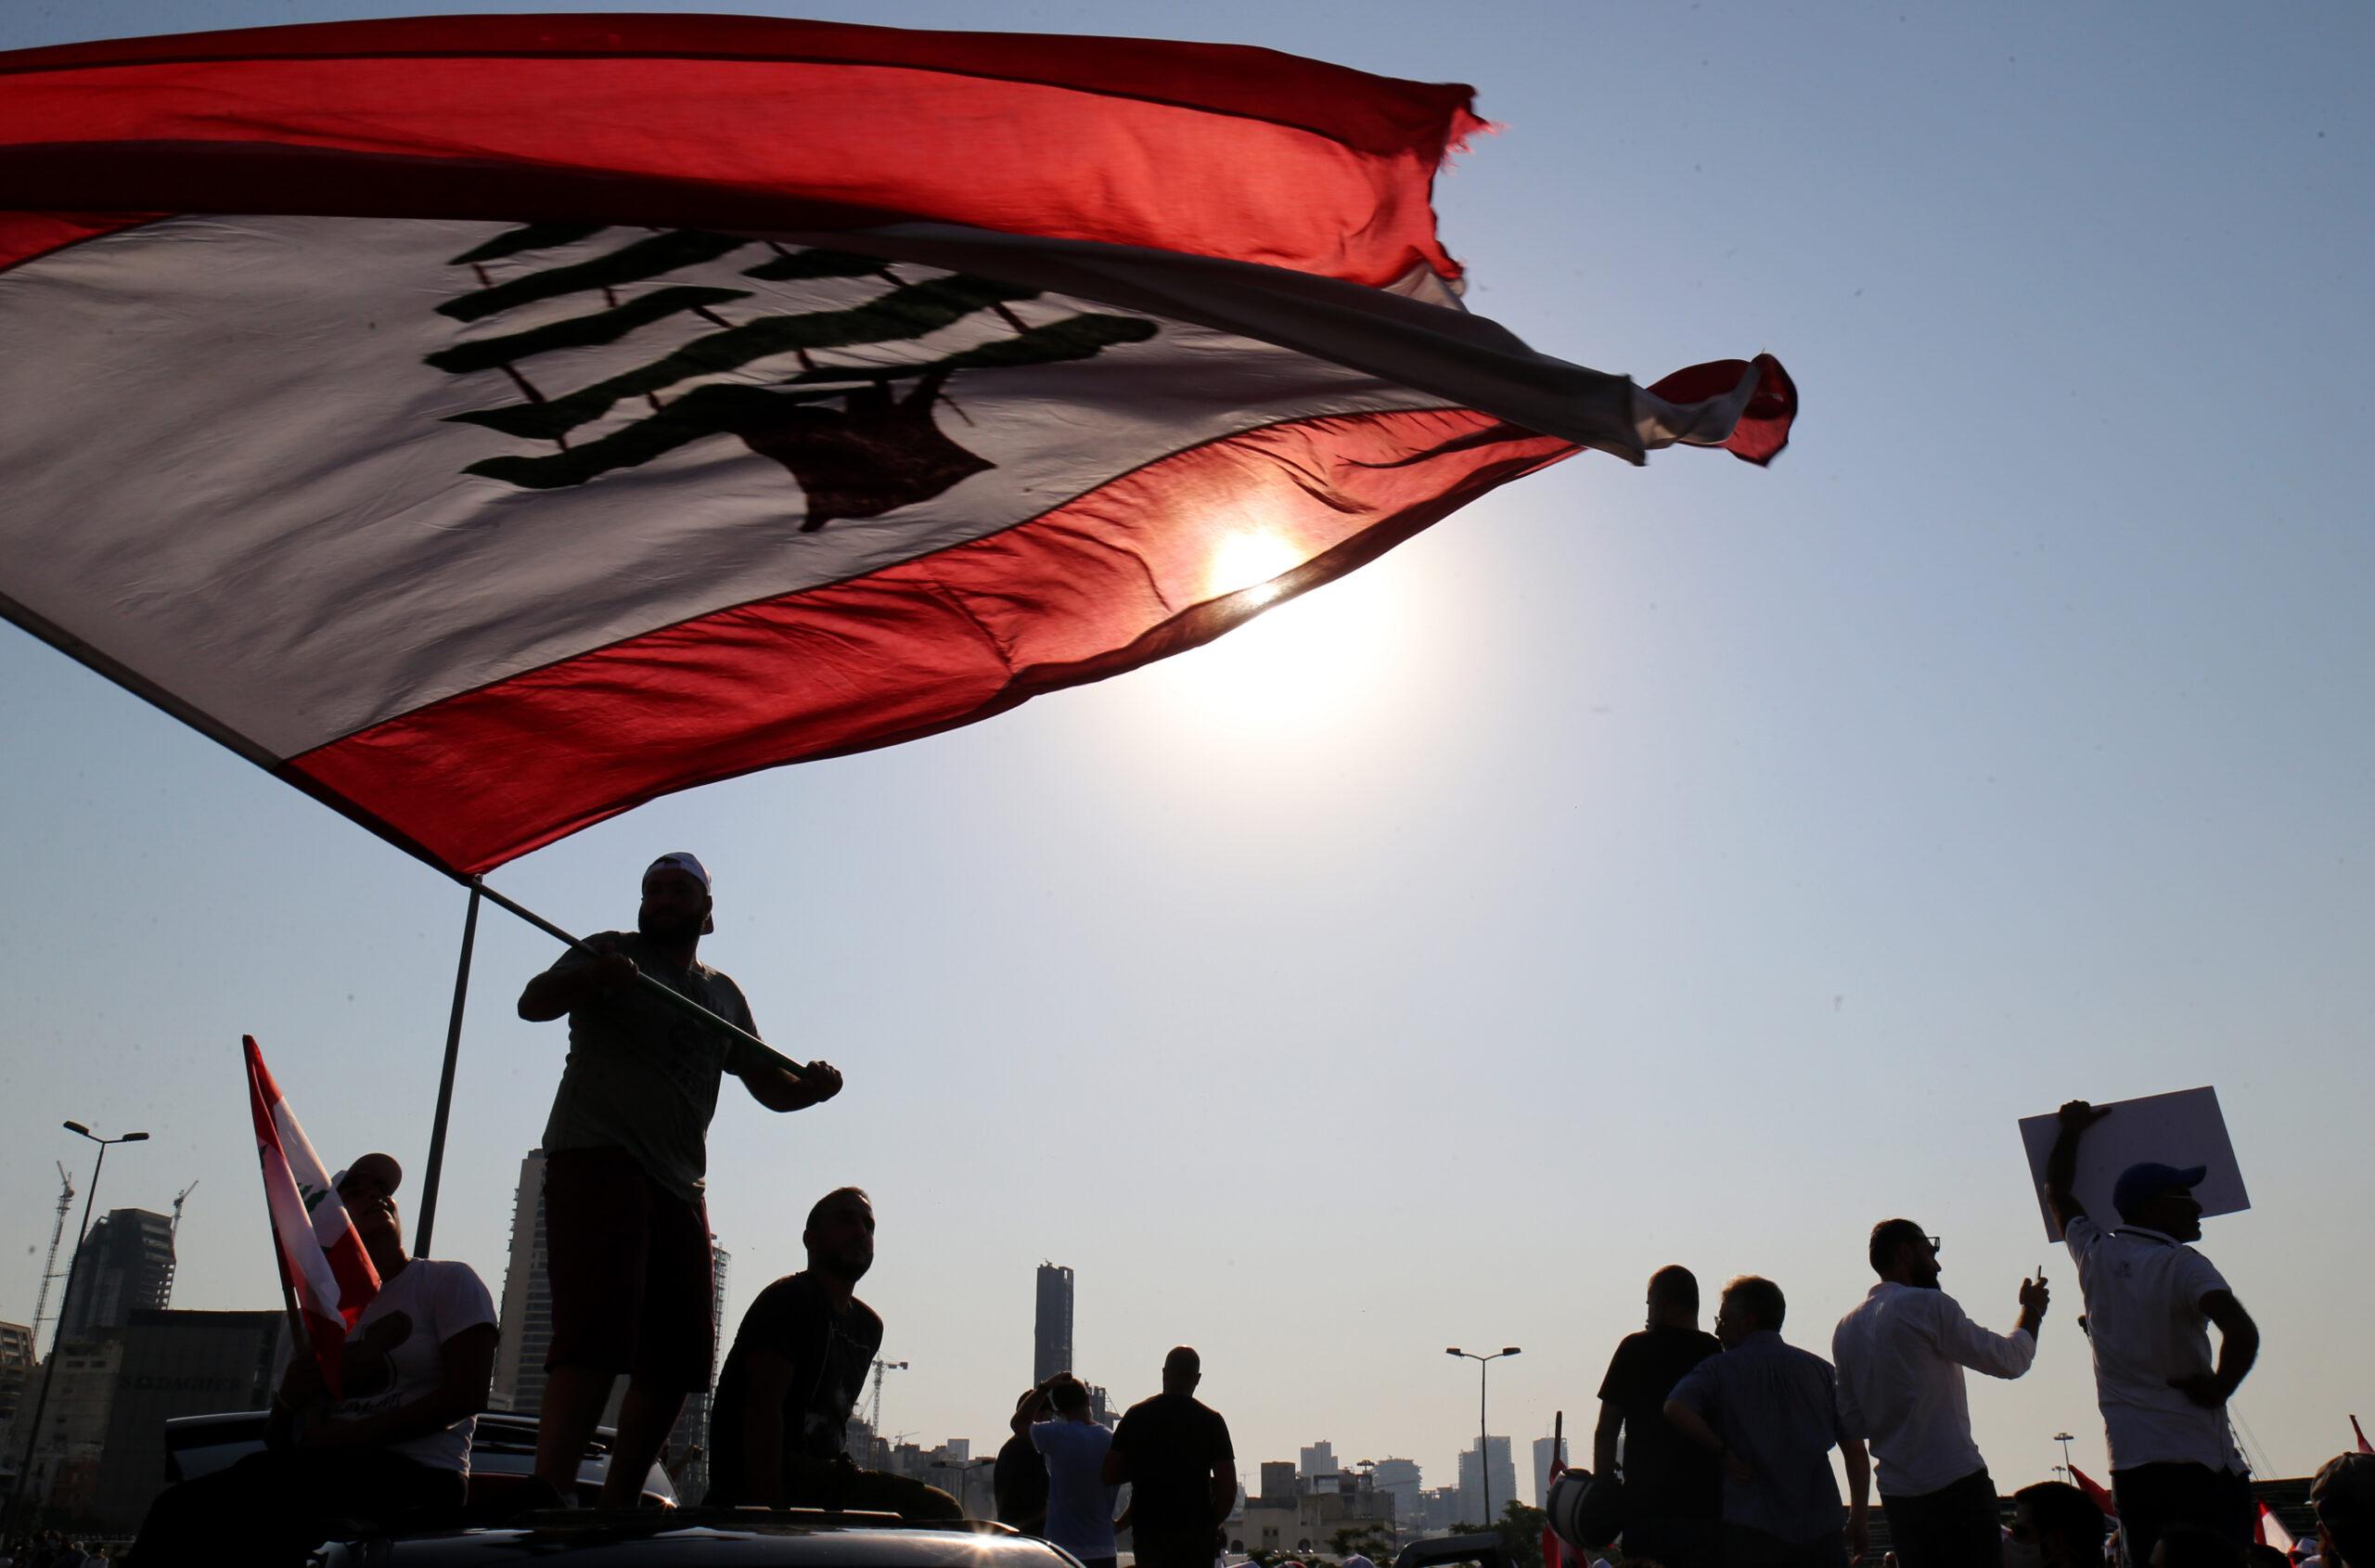 Beyrut'taki patlamanın yıldönümünde binlerce Lübnanlı sokaklara döküldü